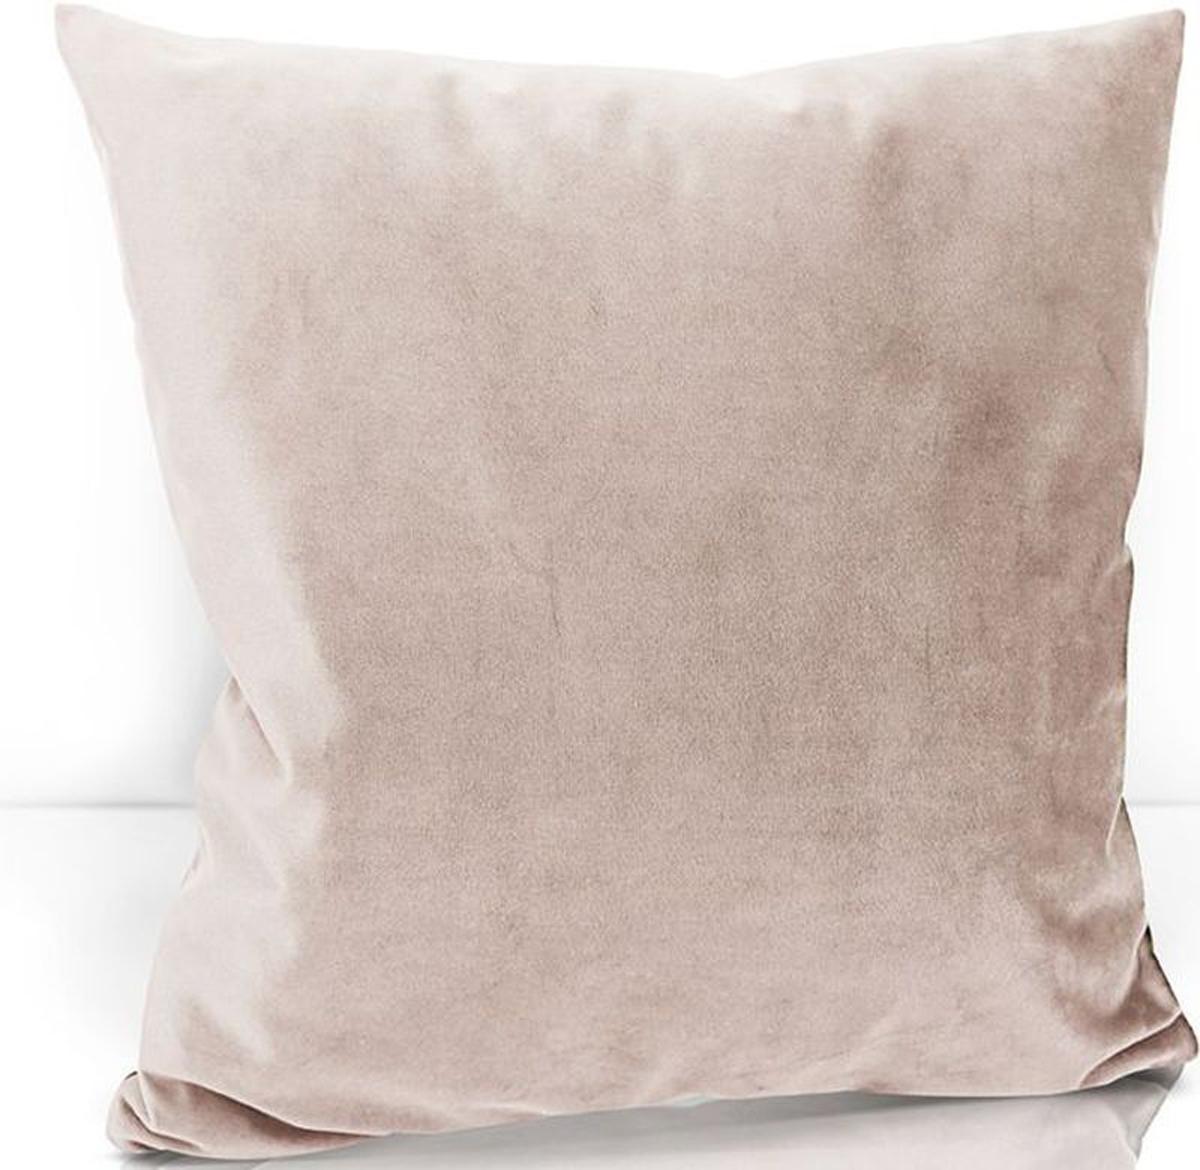 Подушка декоративная KauffOrt Велюр, цвет: светло-розовый, 40 х 40 см3122202671Декоративная подушка KauffOrt  прекрасно дополнит интерьер спальни или гостиной. Чехолподушки выполнен из велюра (100% полиэстер). Внутри находится мягкий наполнитель.Чехол легко снимаетсяблагодаря потайной молнии.